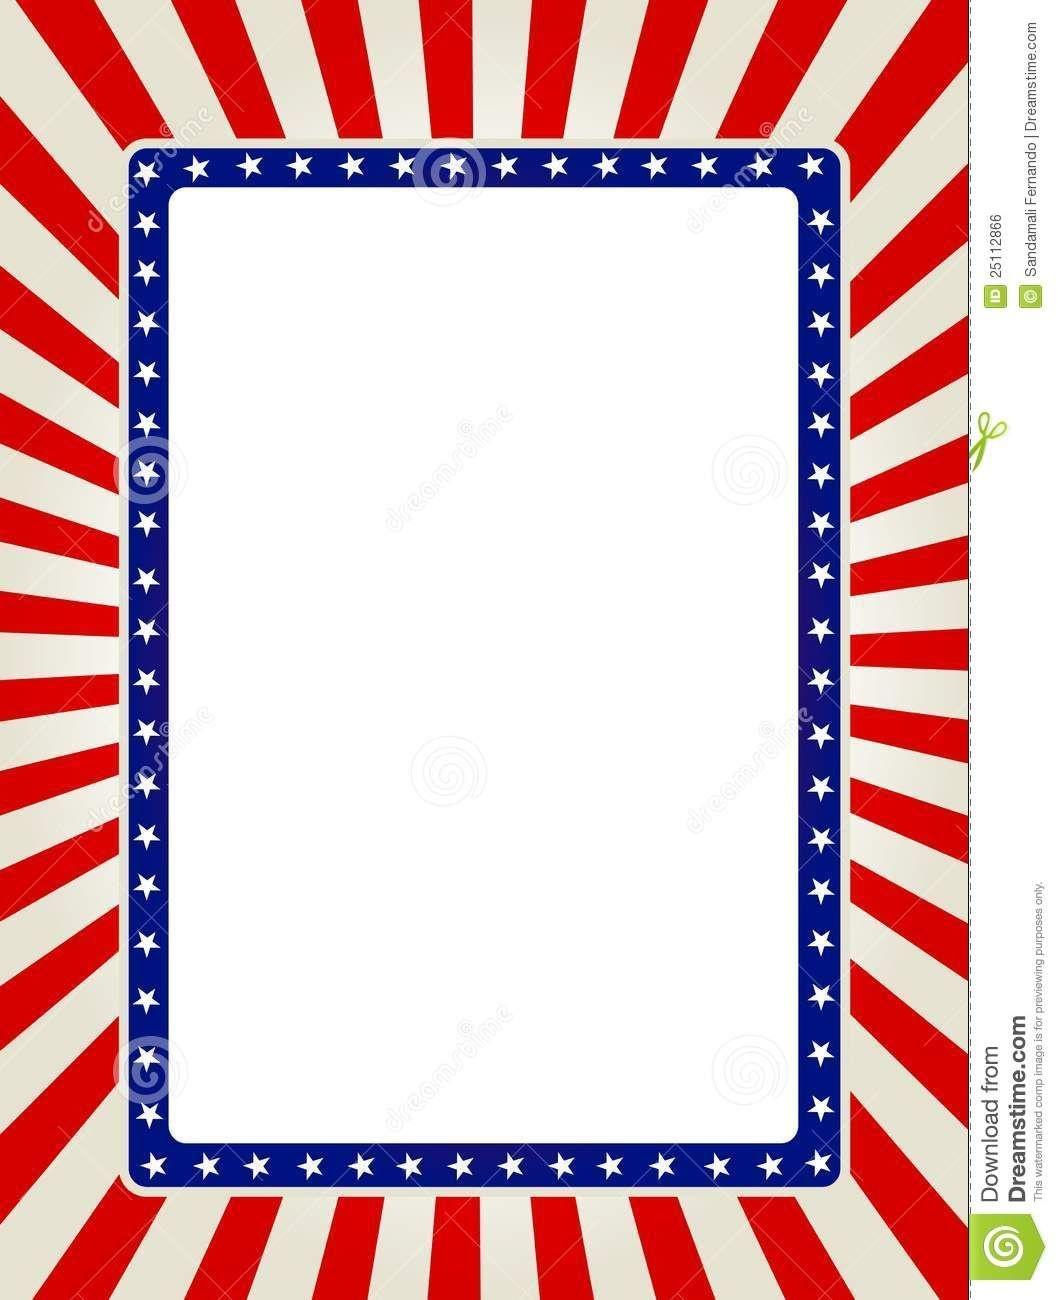 Free Patriotic Page Borders | Patriotic Border | Images | Printable - Free Printable Patriotic Writing Paper